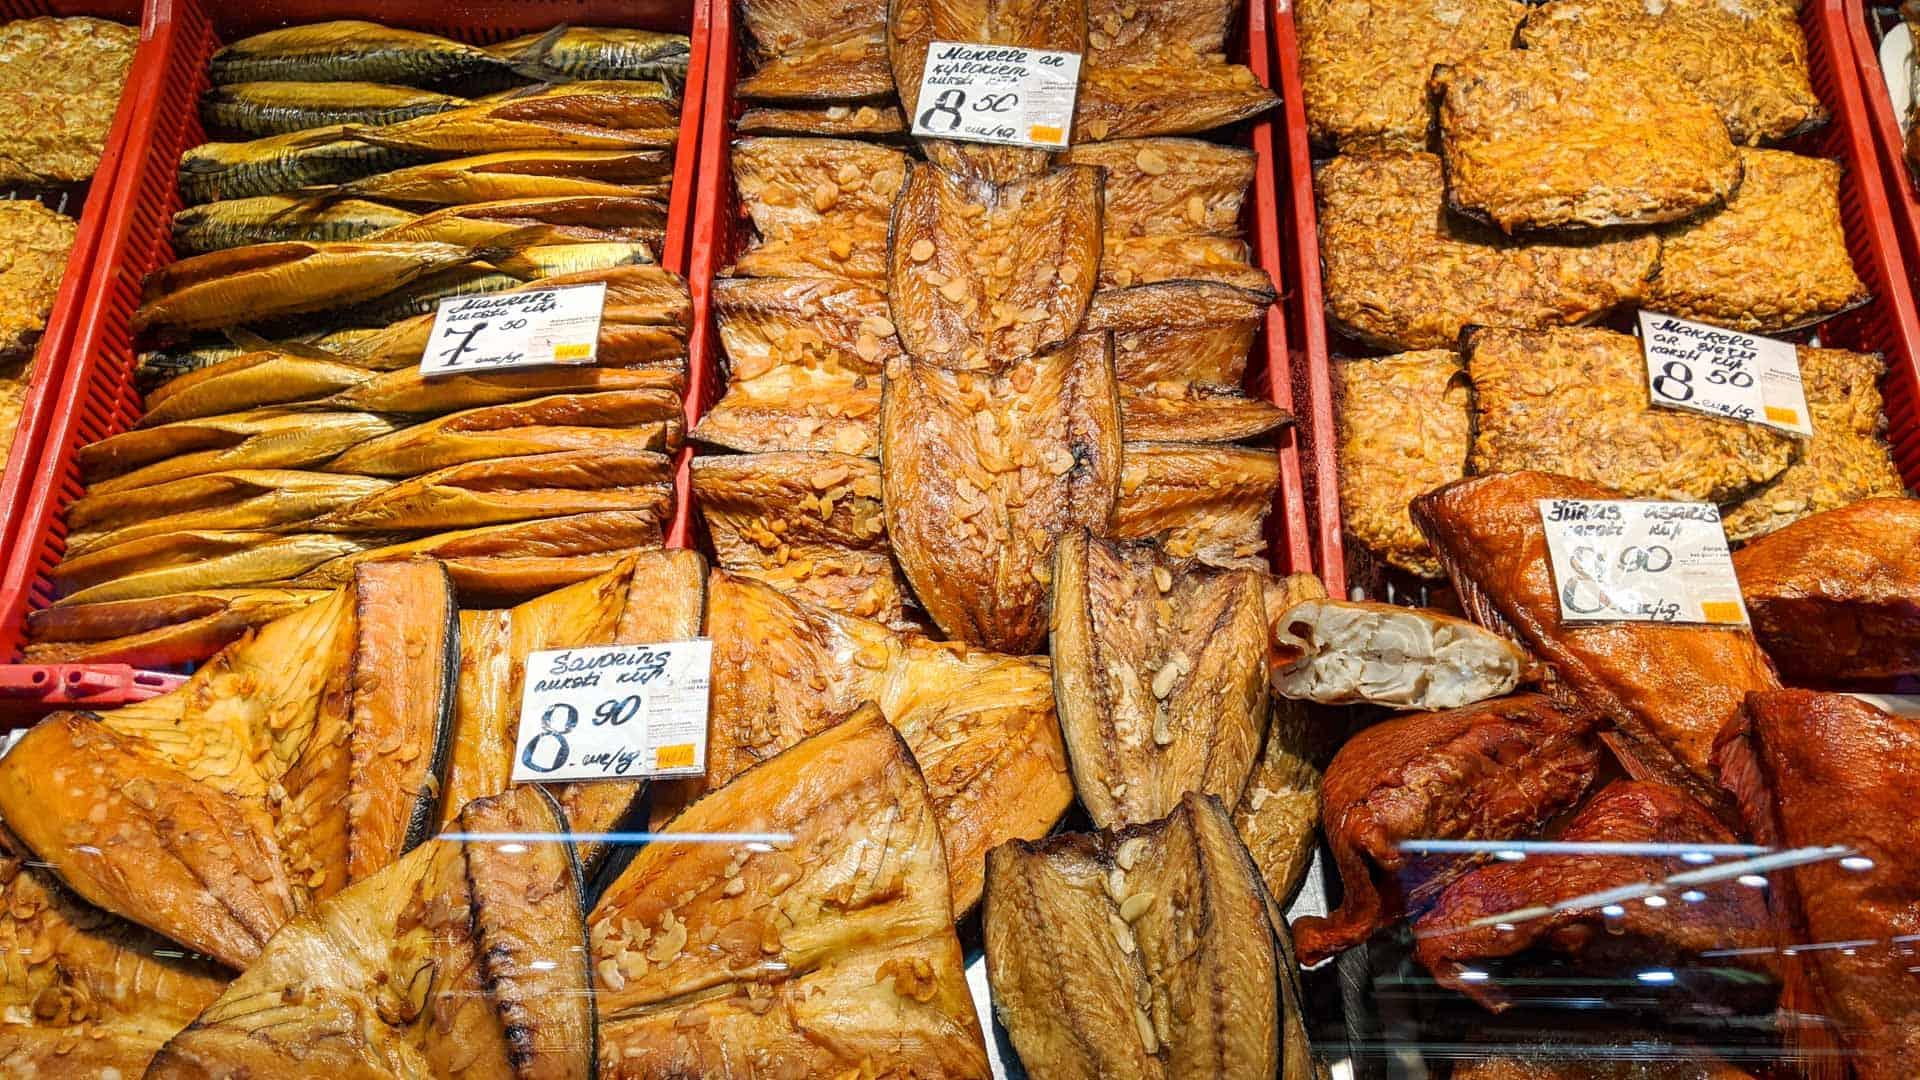 Smoked fish at the Riga Central Market